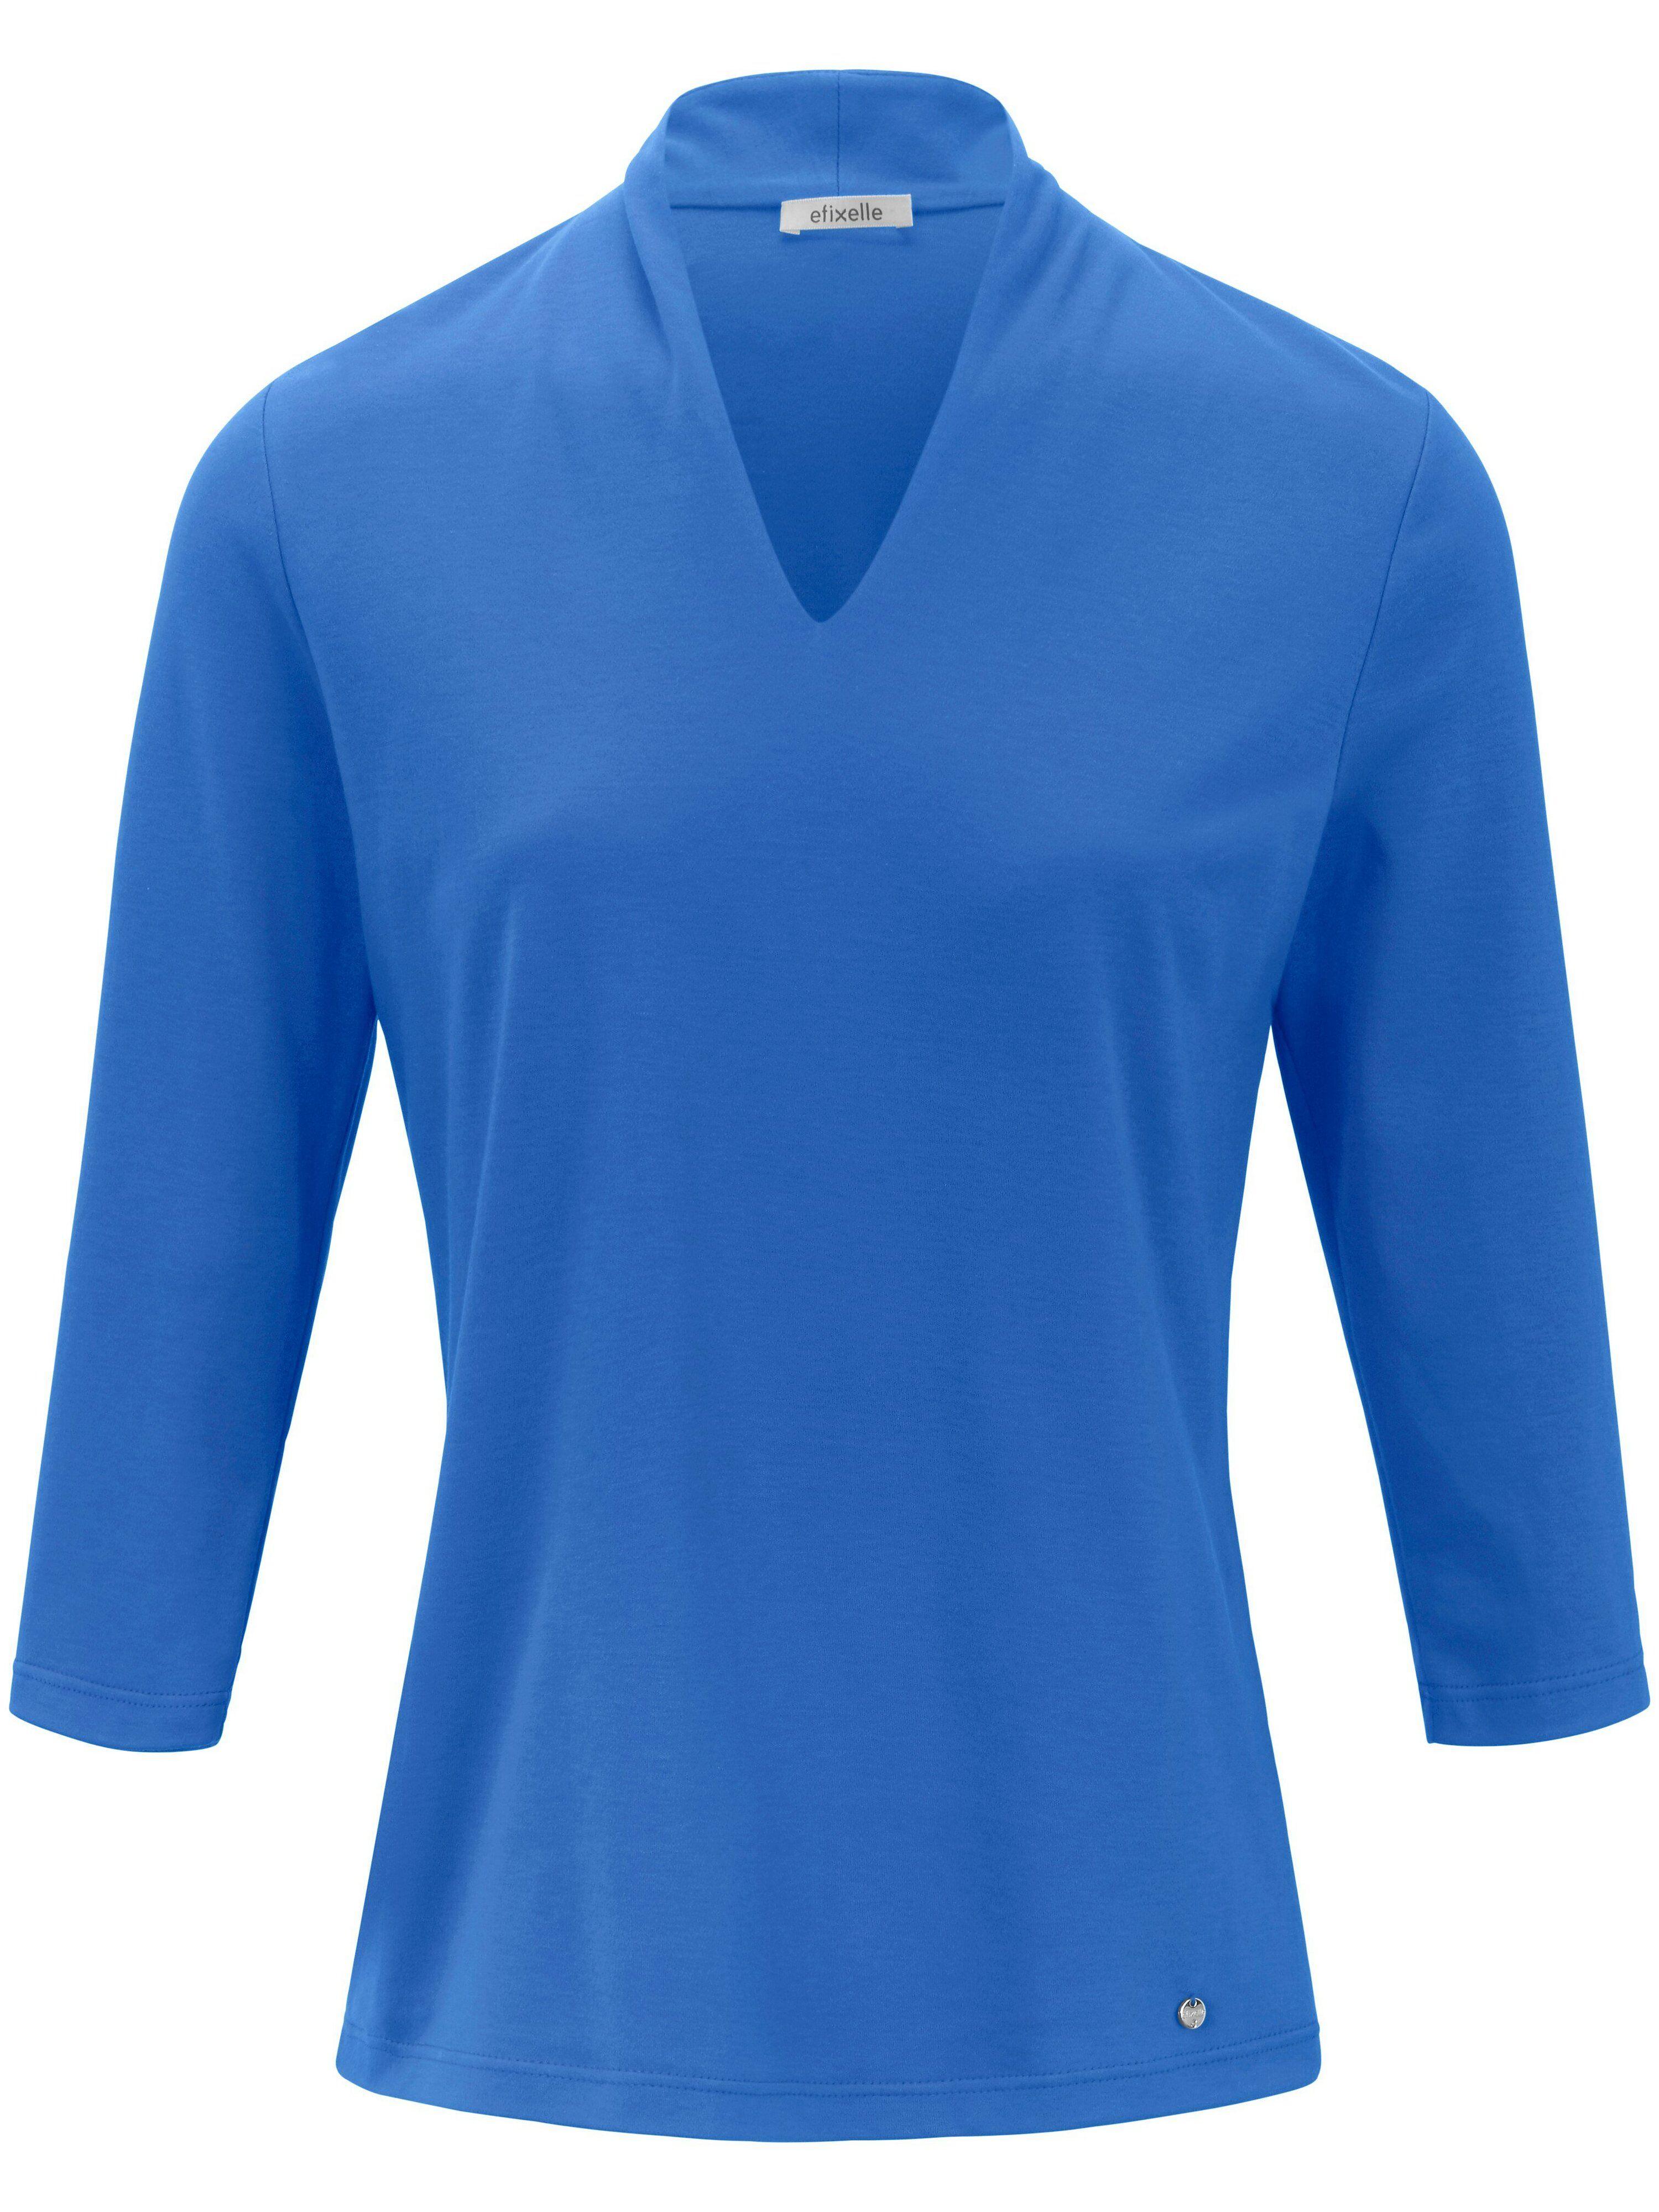 Efixelle Le T-shirt manches 3/4 100% coton  Efixelle bleu  - Femme - 48